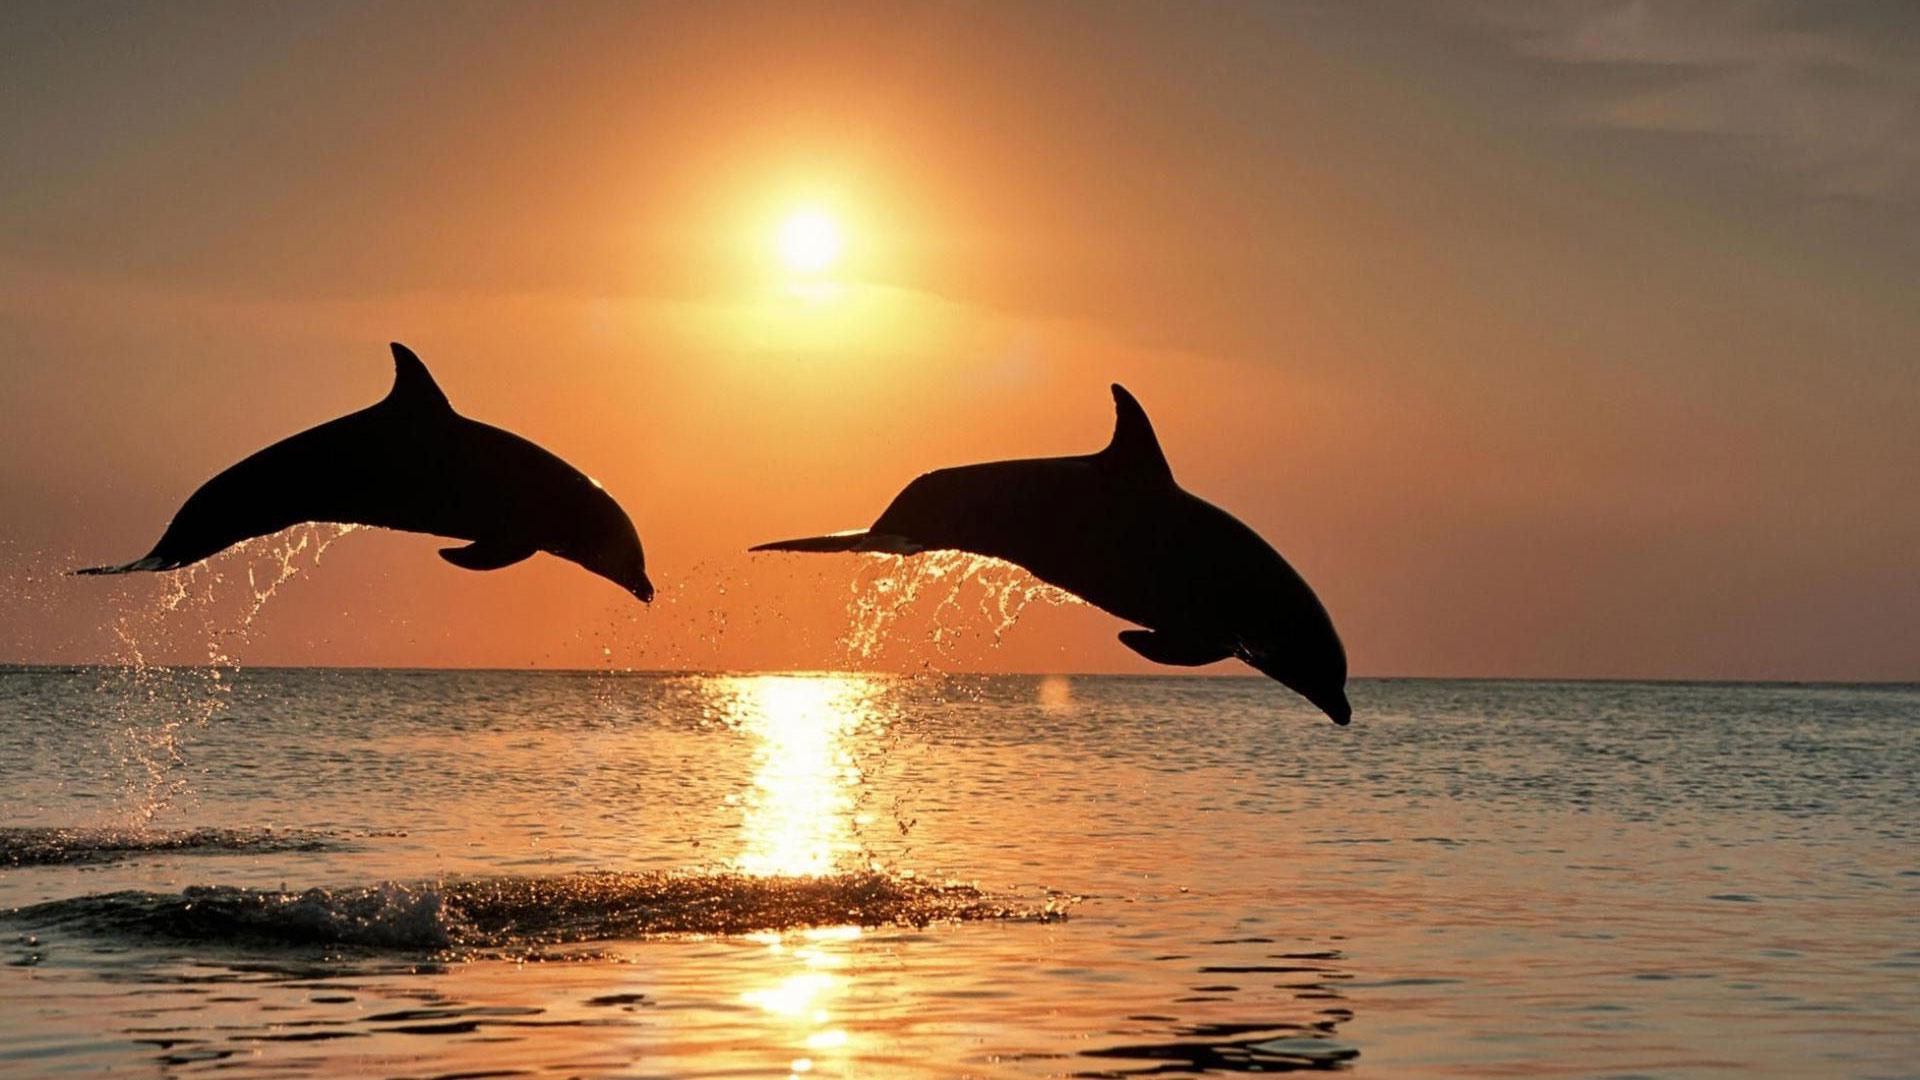 Бесплатно скачать картинки с дельфинами